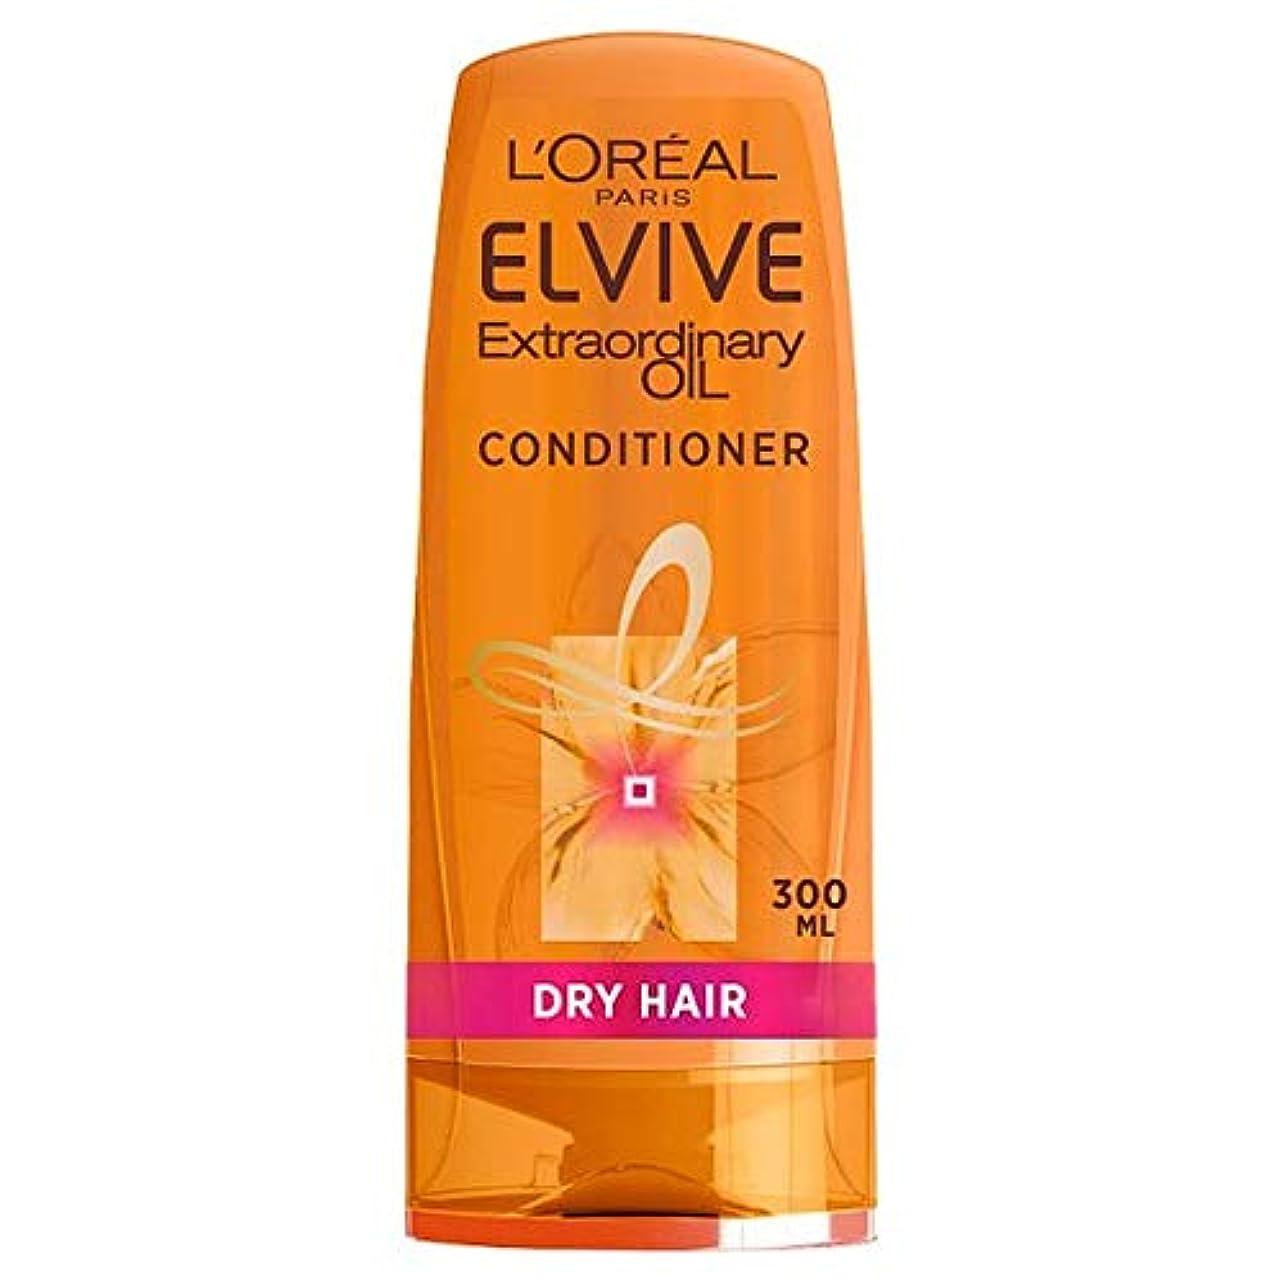 読者パット真実に[Elvive] ロレアルElvive臨時オイルドライヘアコンディショナー300ミリリットル - L'oreal Elvive Extraordinary Oil Dry Hair Conditioner 300Ml [...